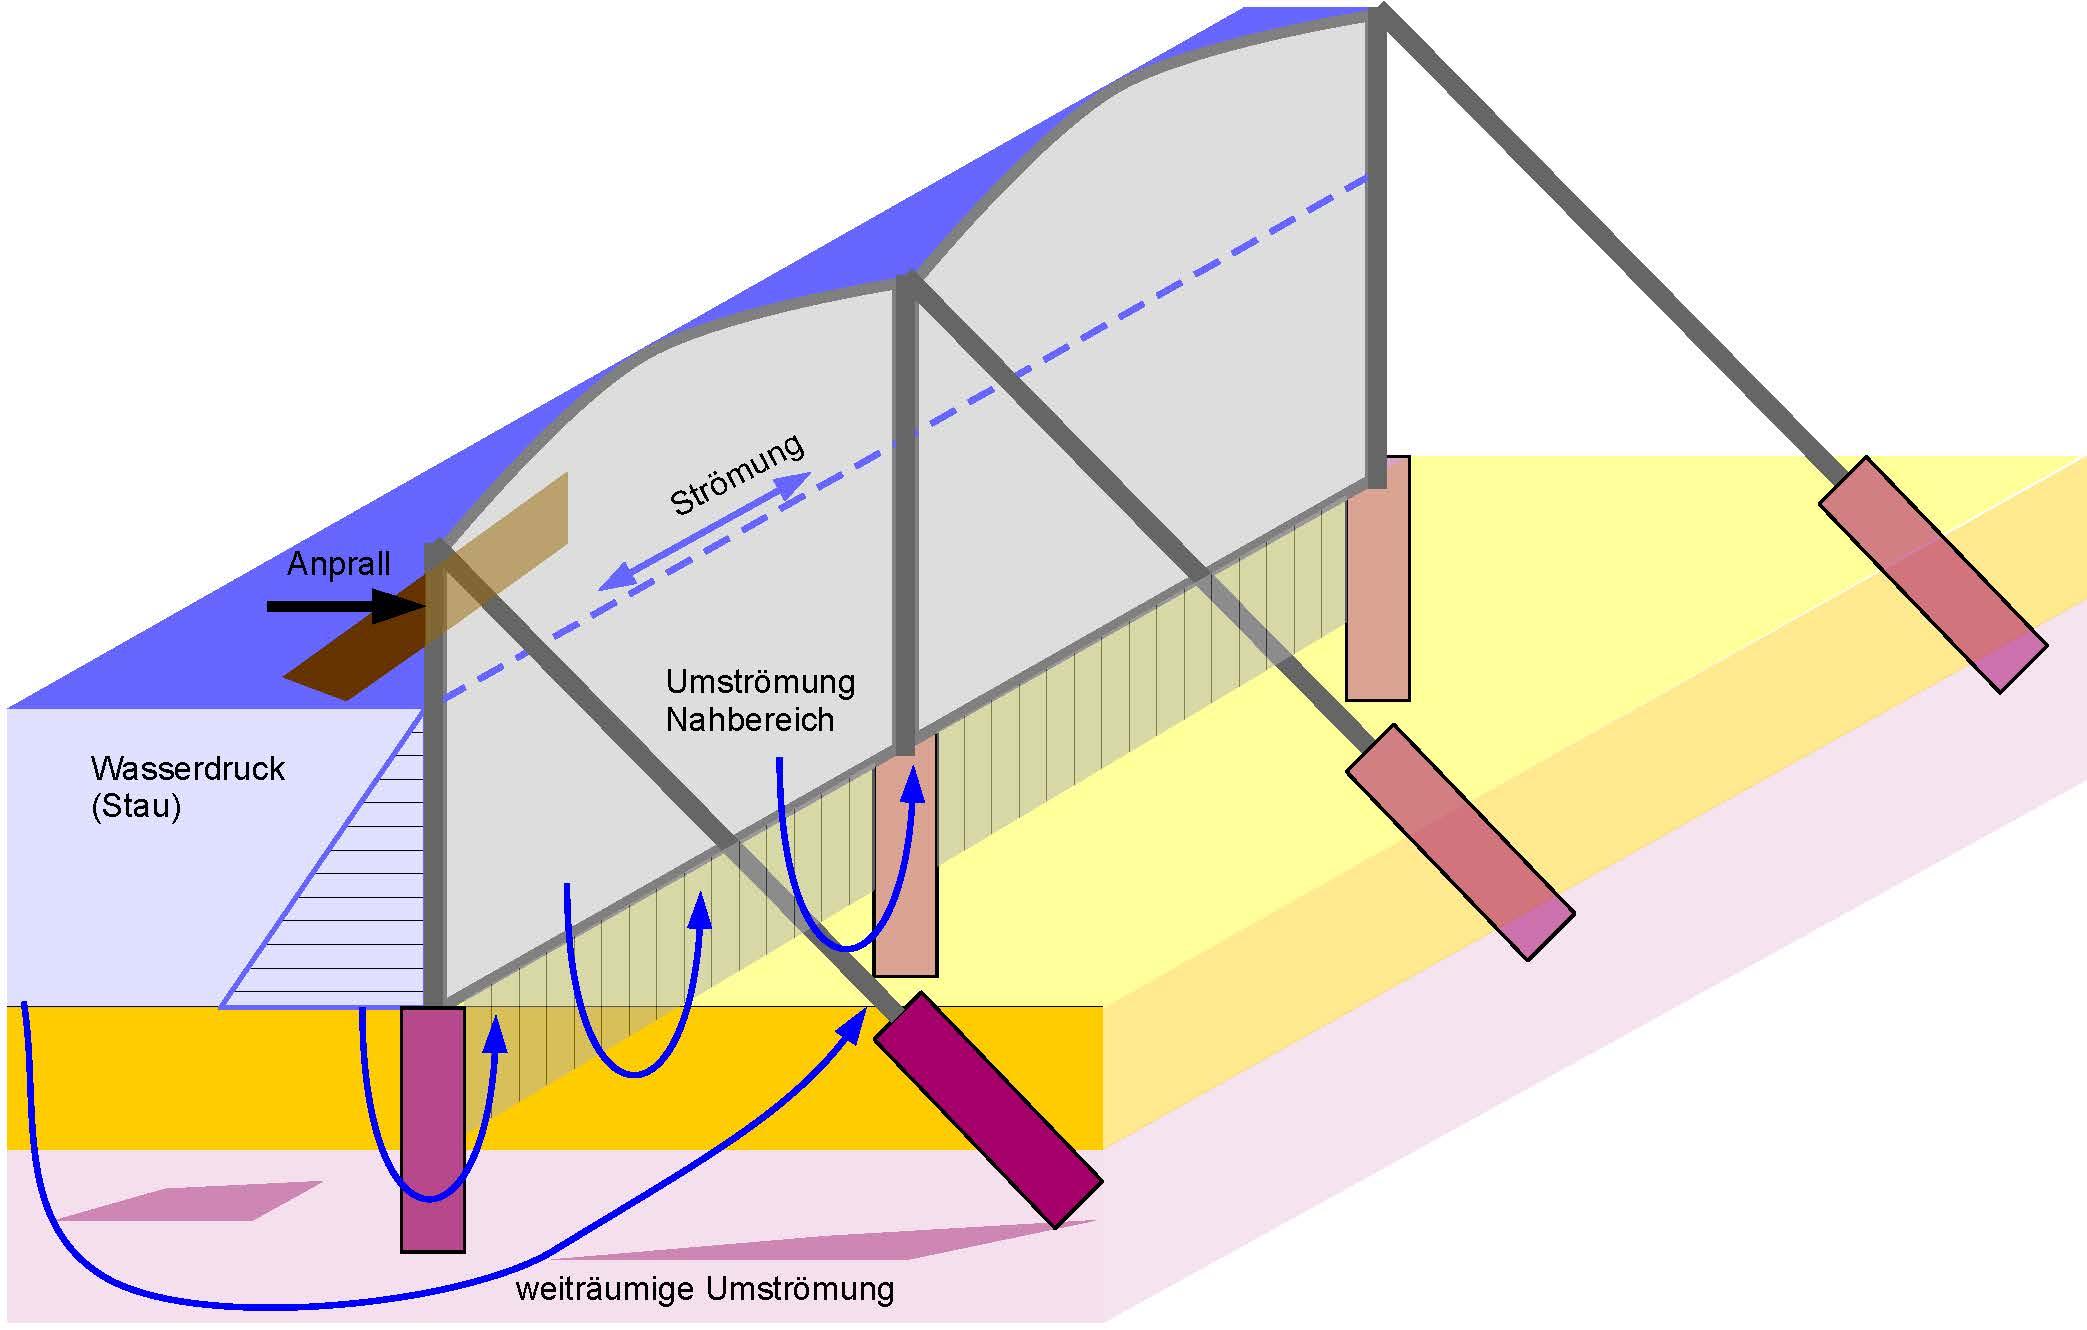 Unterströmungssicheres Schnellmontage-Platten-Leichtbausystem für den mobilen und stationären Hochwasserschutz